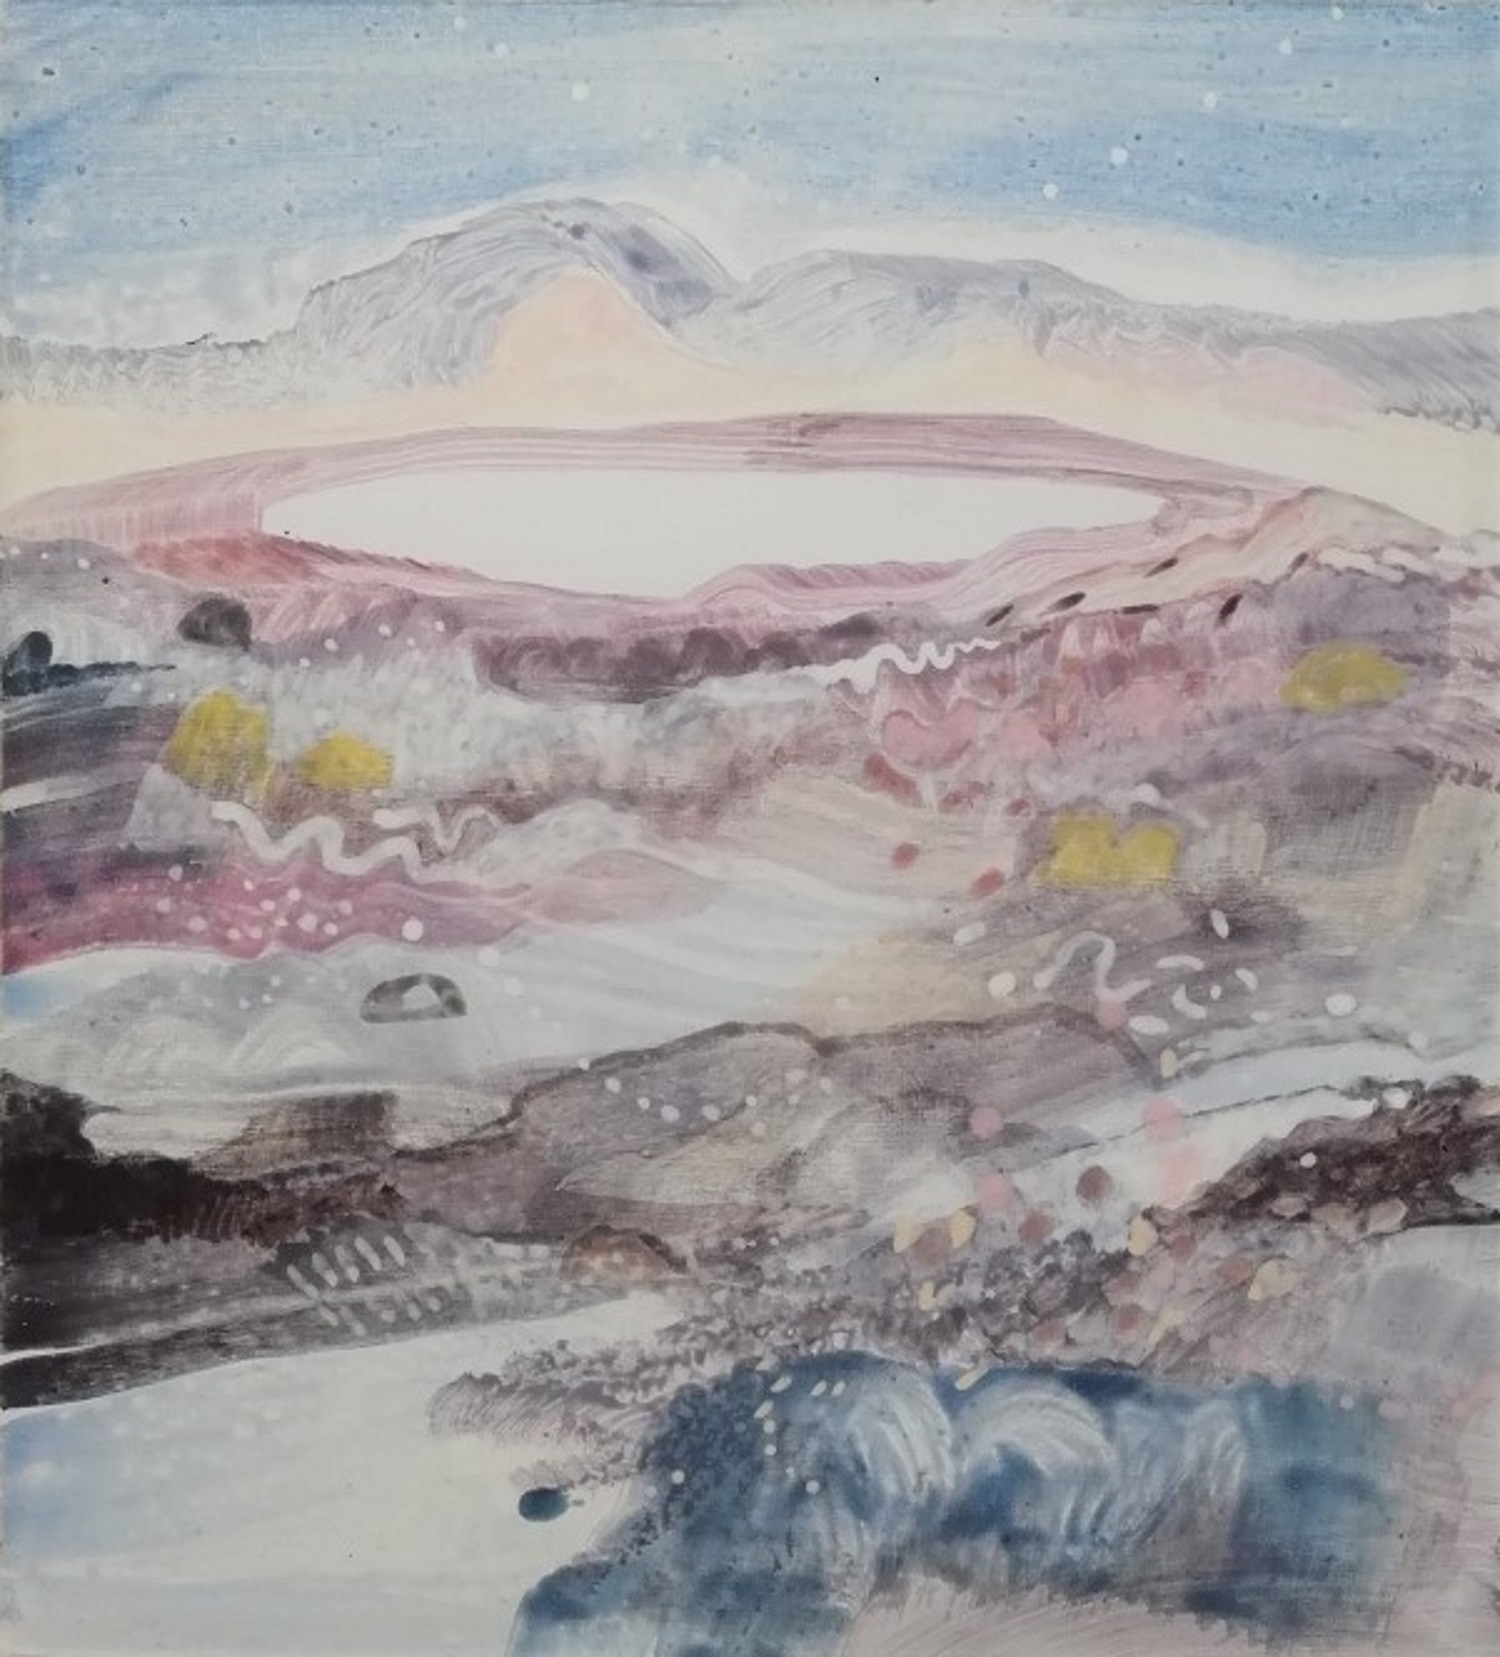 Schilderij in ei-tempera' Bij Landerumerheide' door Ilse Brul